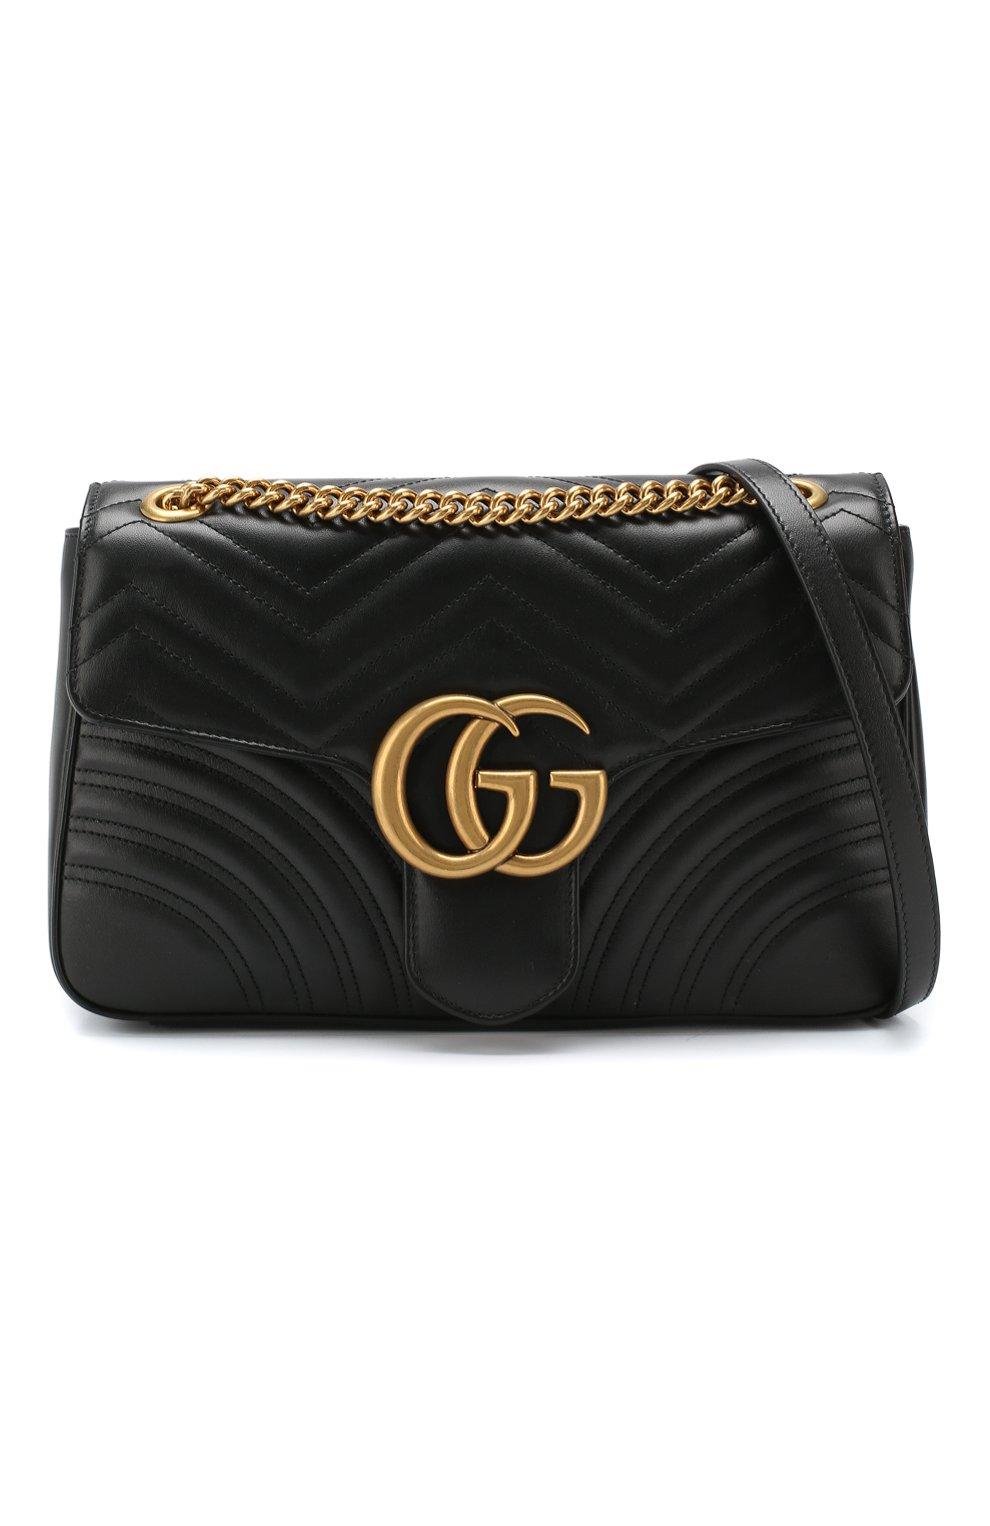 1dff7f125f1a Женская сумка gg marmont medium GUCCI черная цвета — купить за ...